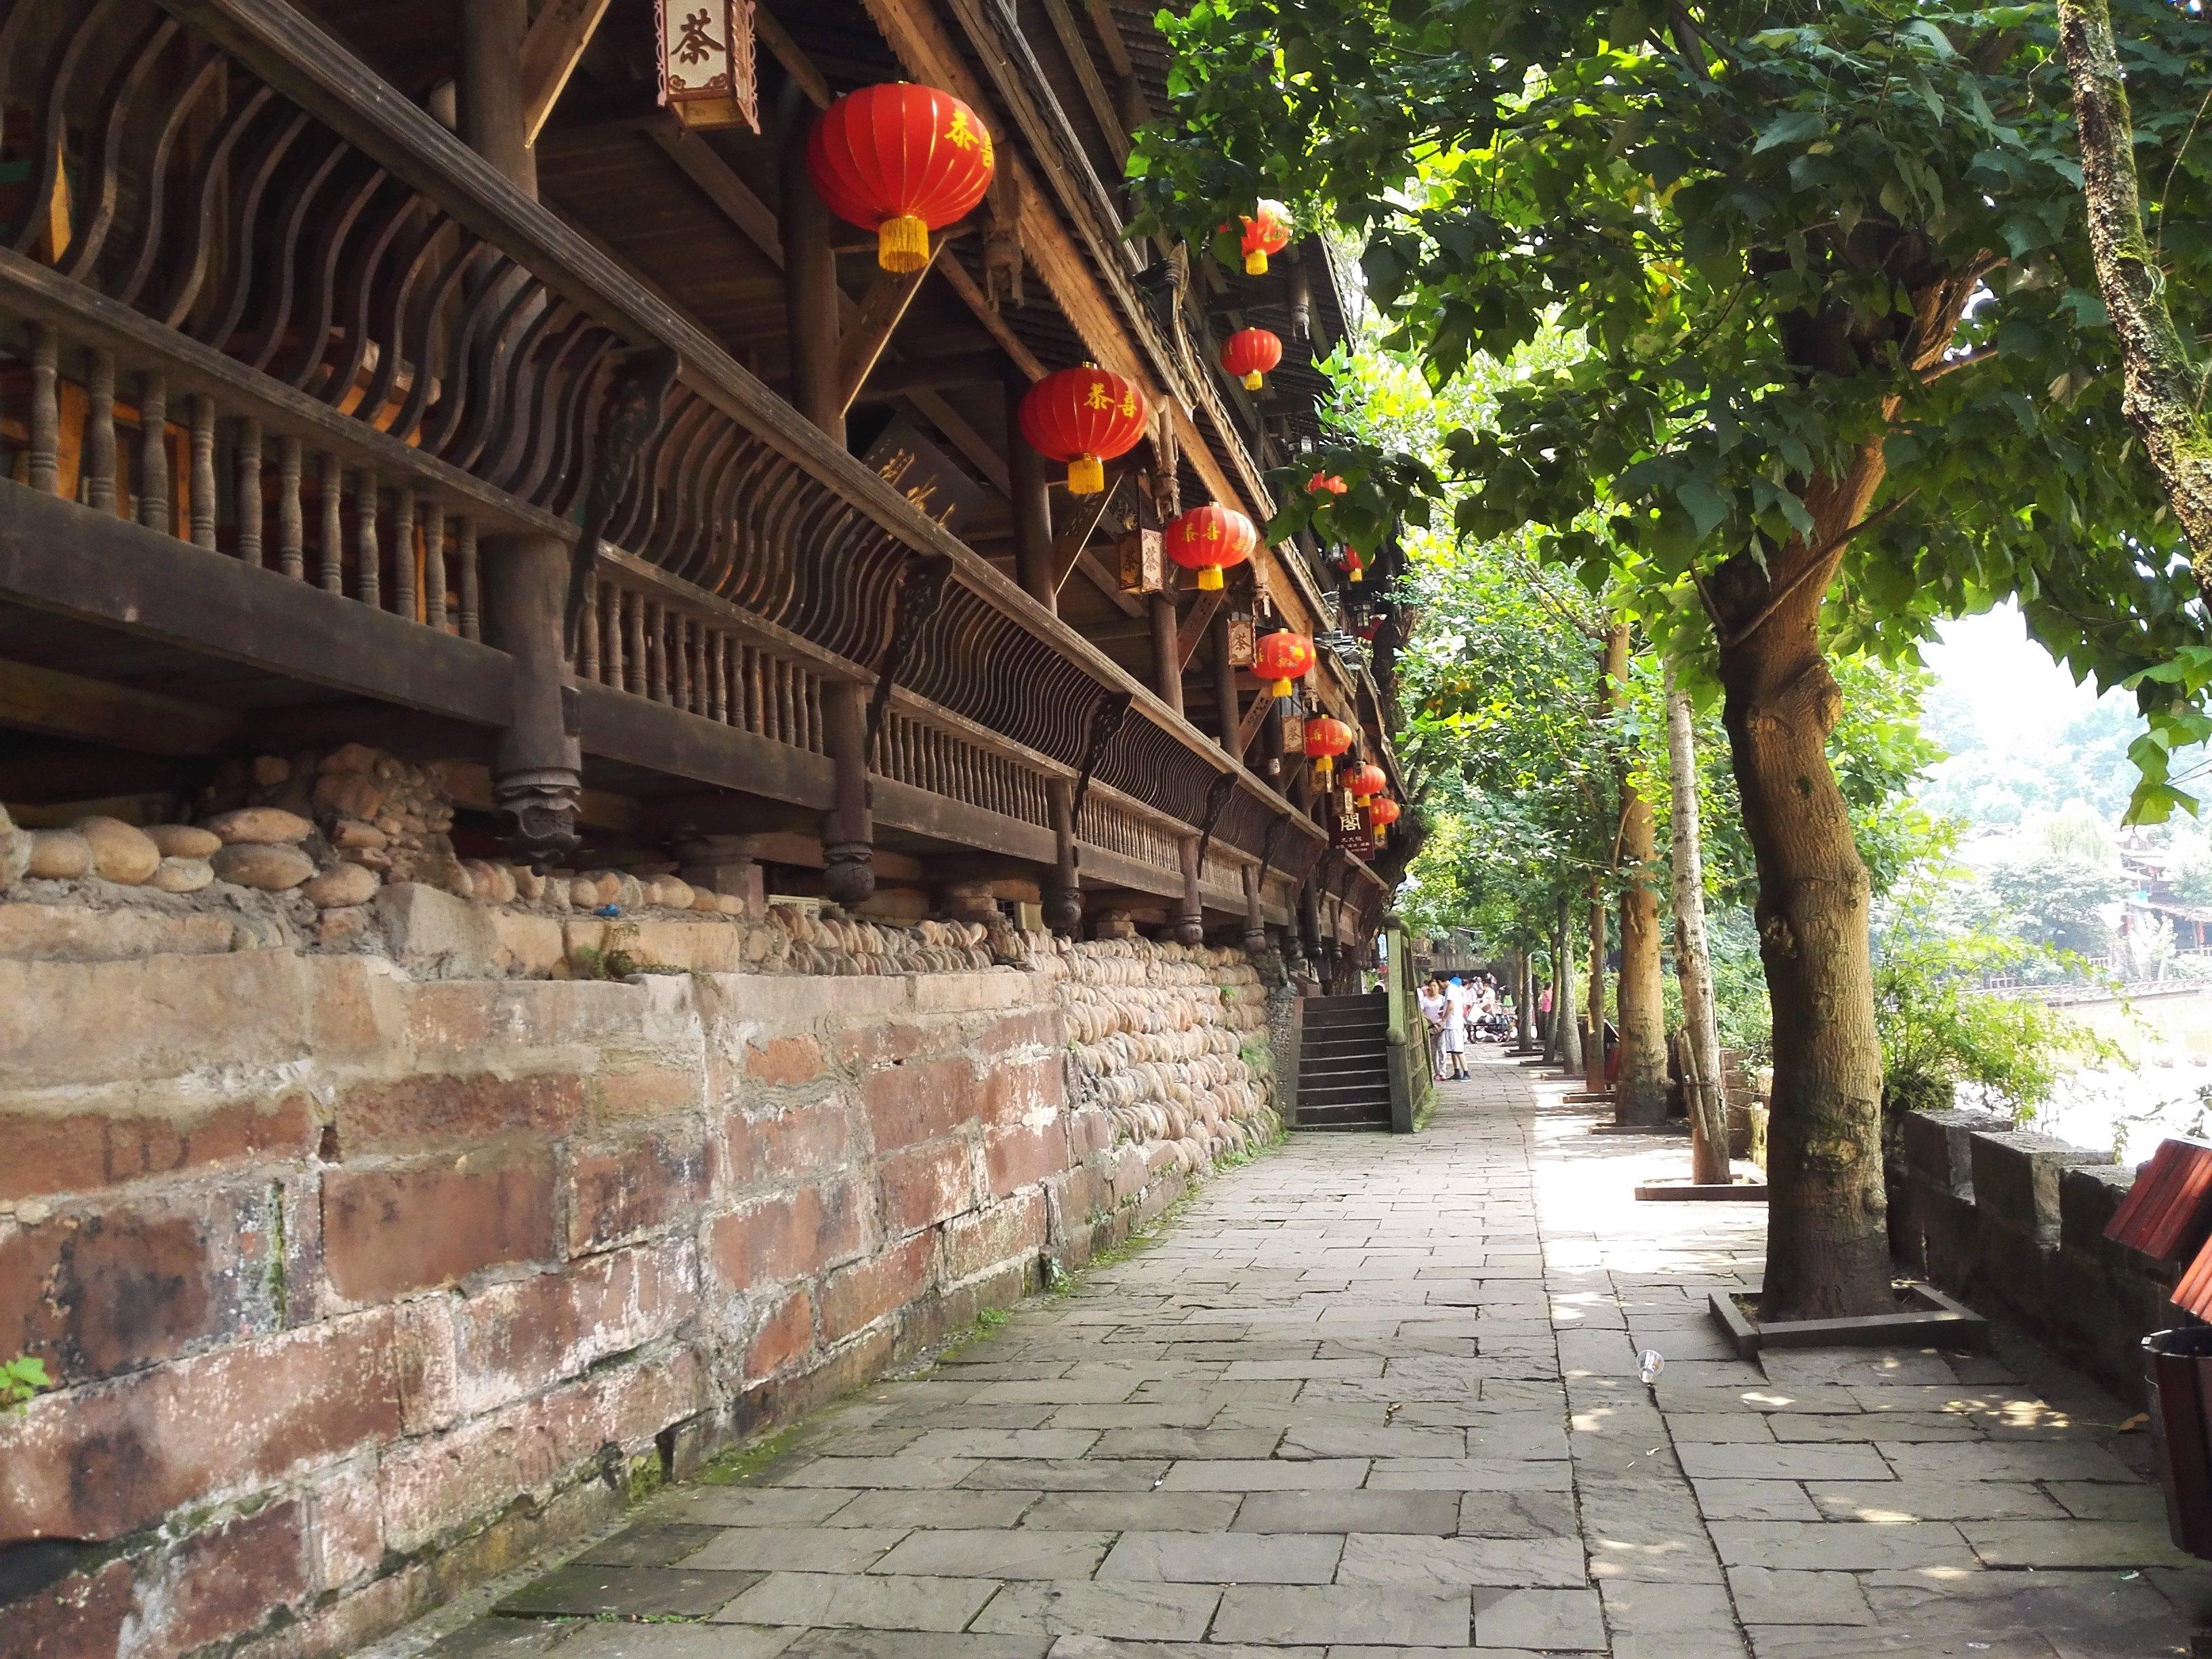 【携程攻略】四川眉山洪雅柳江古镇好玩吗图片